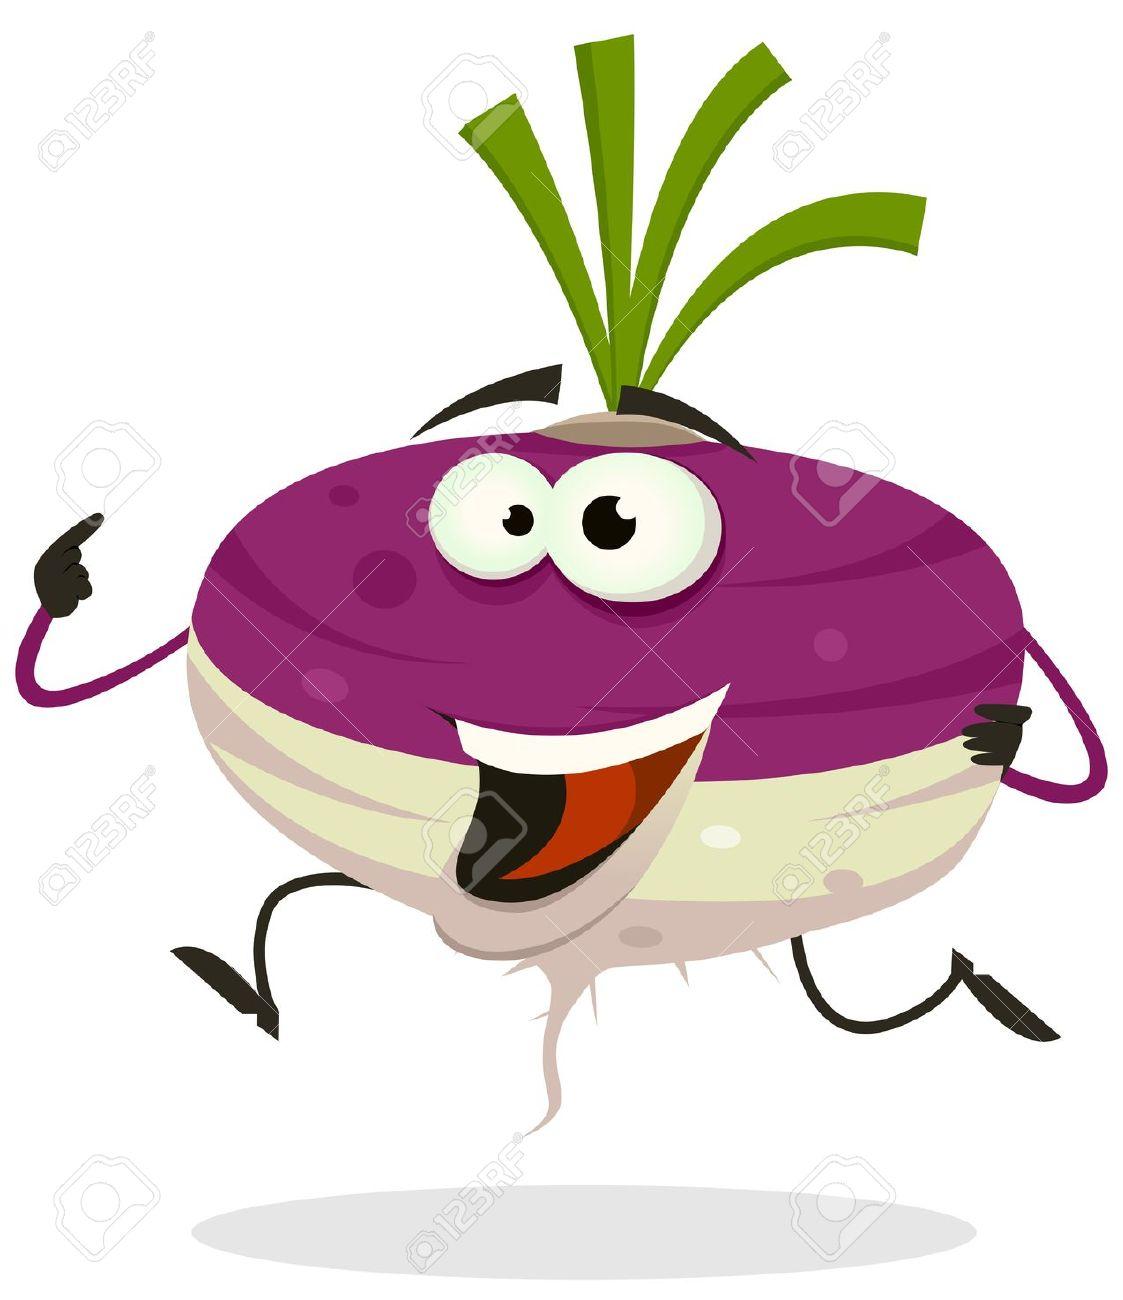 Illustration Of A Funny Happy Cartoon Turnip Or Radish Vegetable.